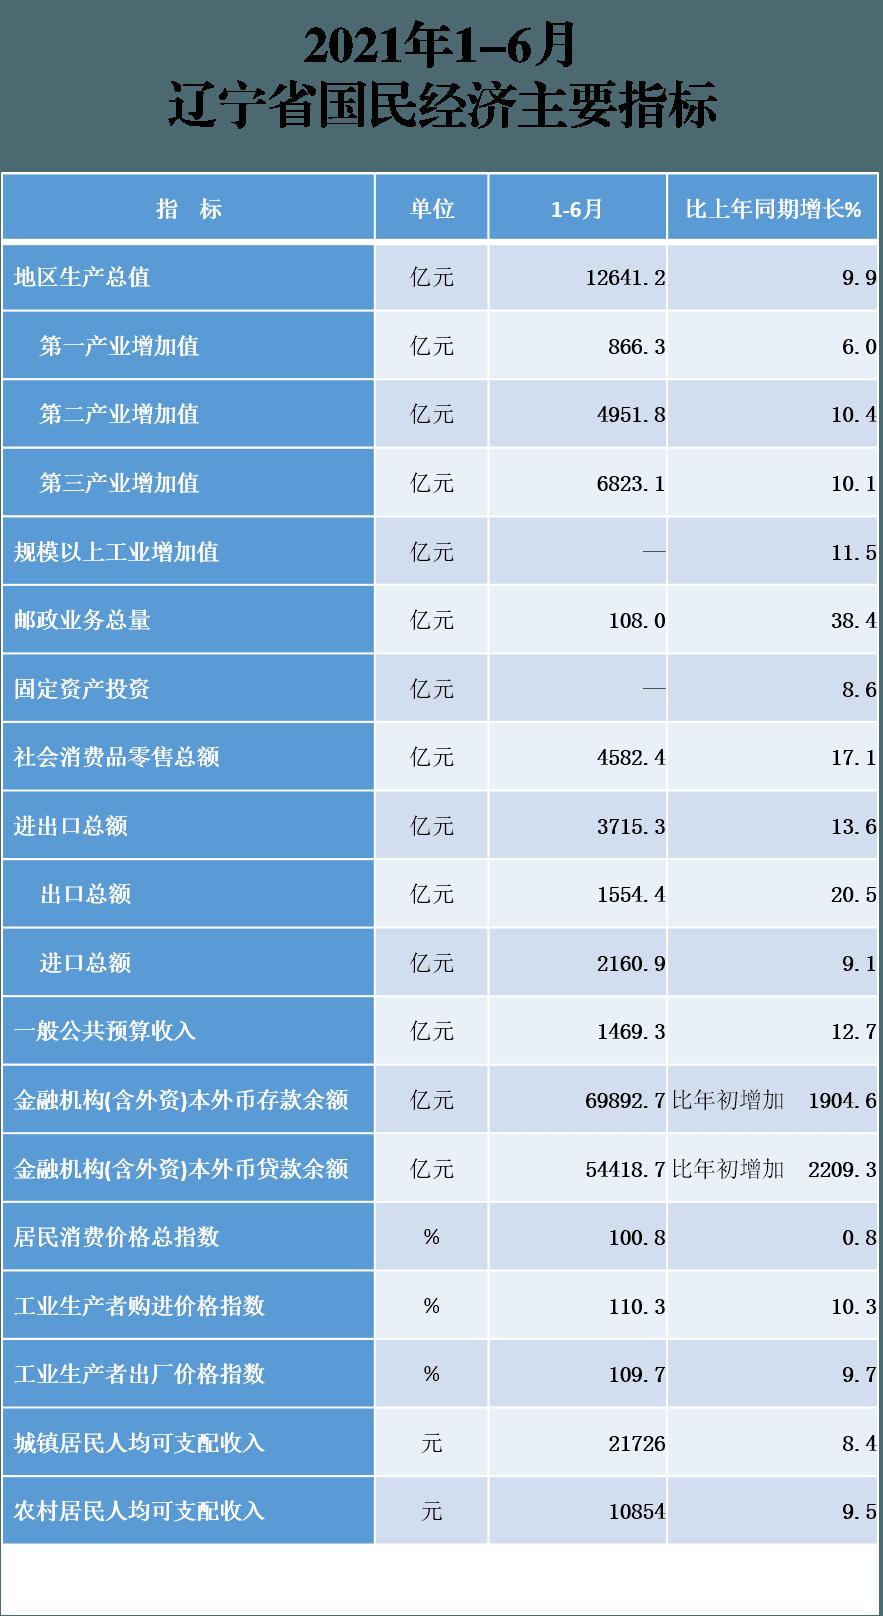 上半年gdp辽宁_2021年上半年辽宁各城市GDP排名:鞍山形势见好,抚顺增速倒数